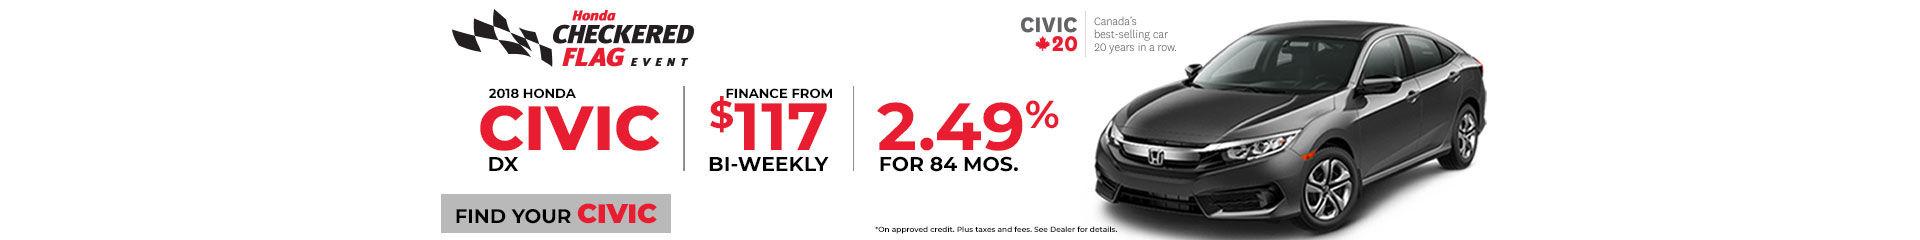 Civic LX Finance